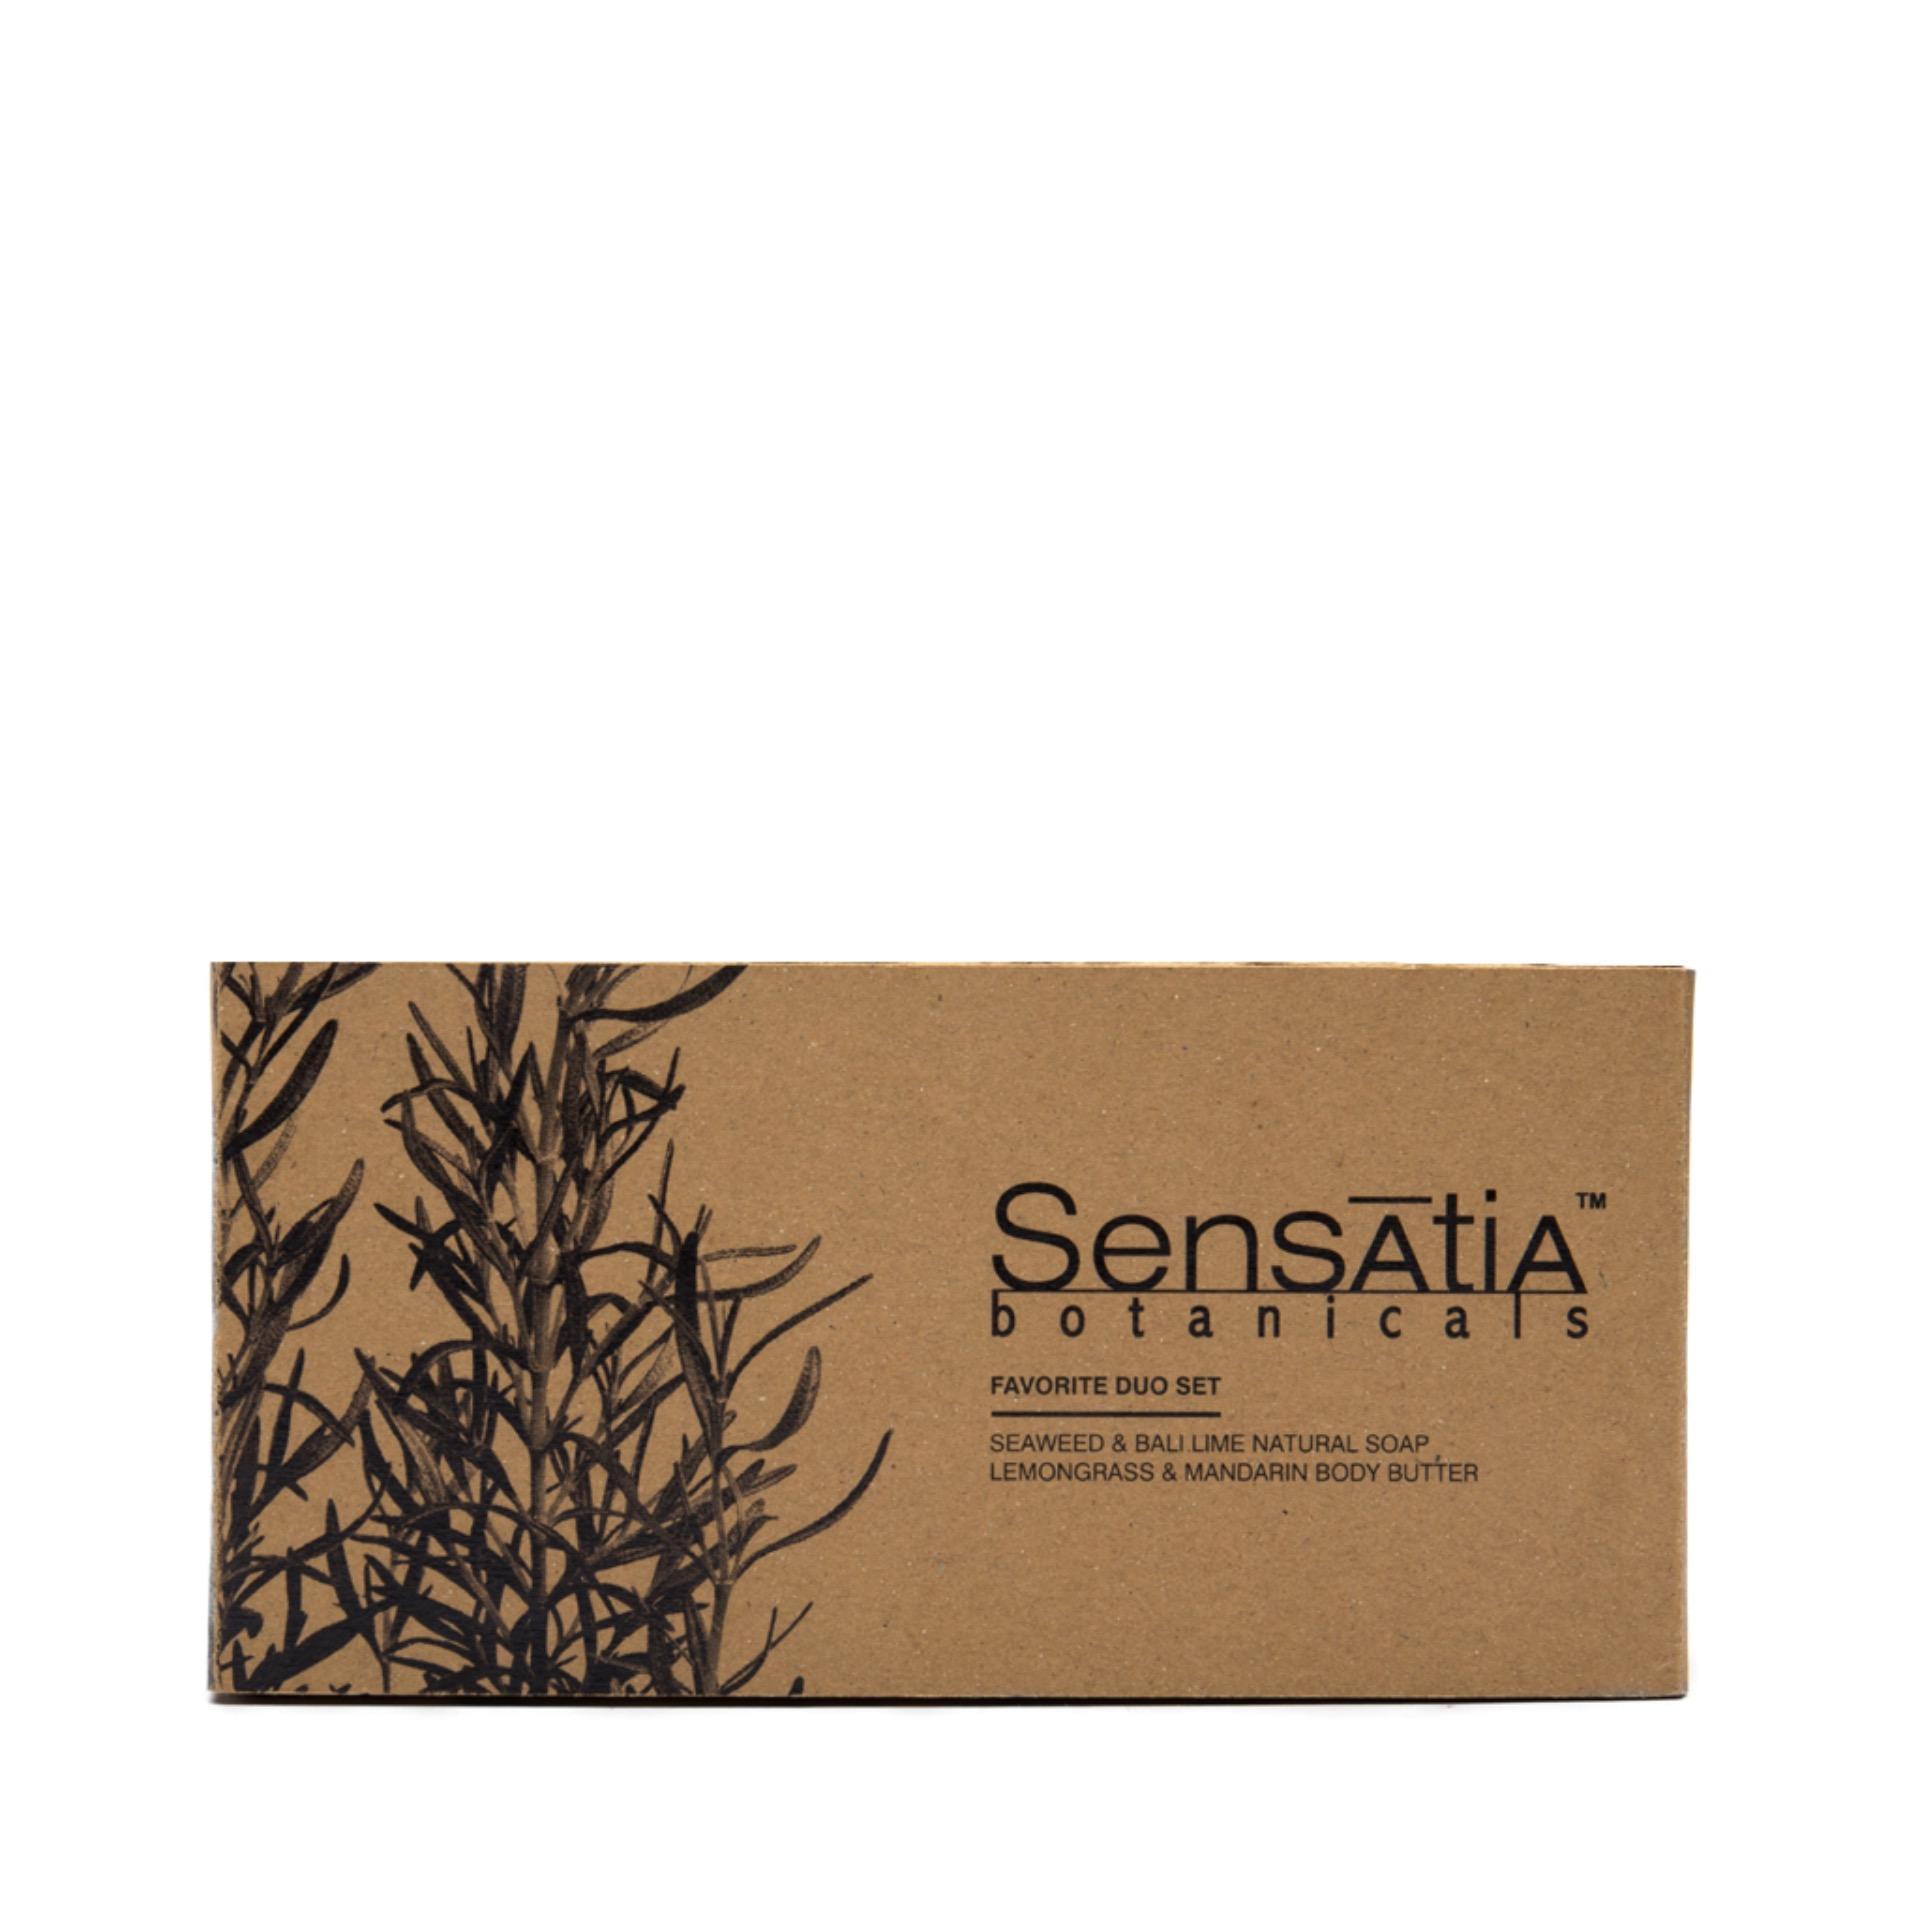 Fitur Sensatia Botanicals Favorite Duo Set Dan Harga Terbaru Facial C Serum Dry To Normal 60 Ml Detail Gambar